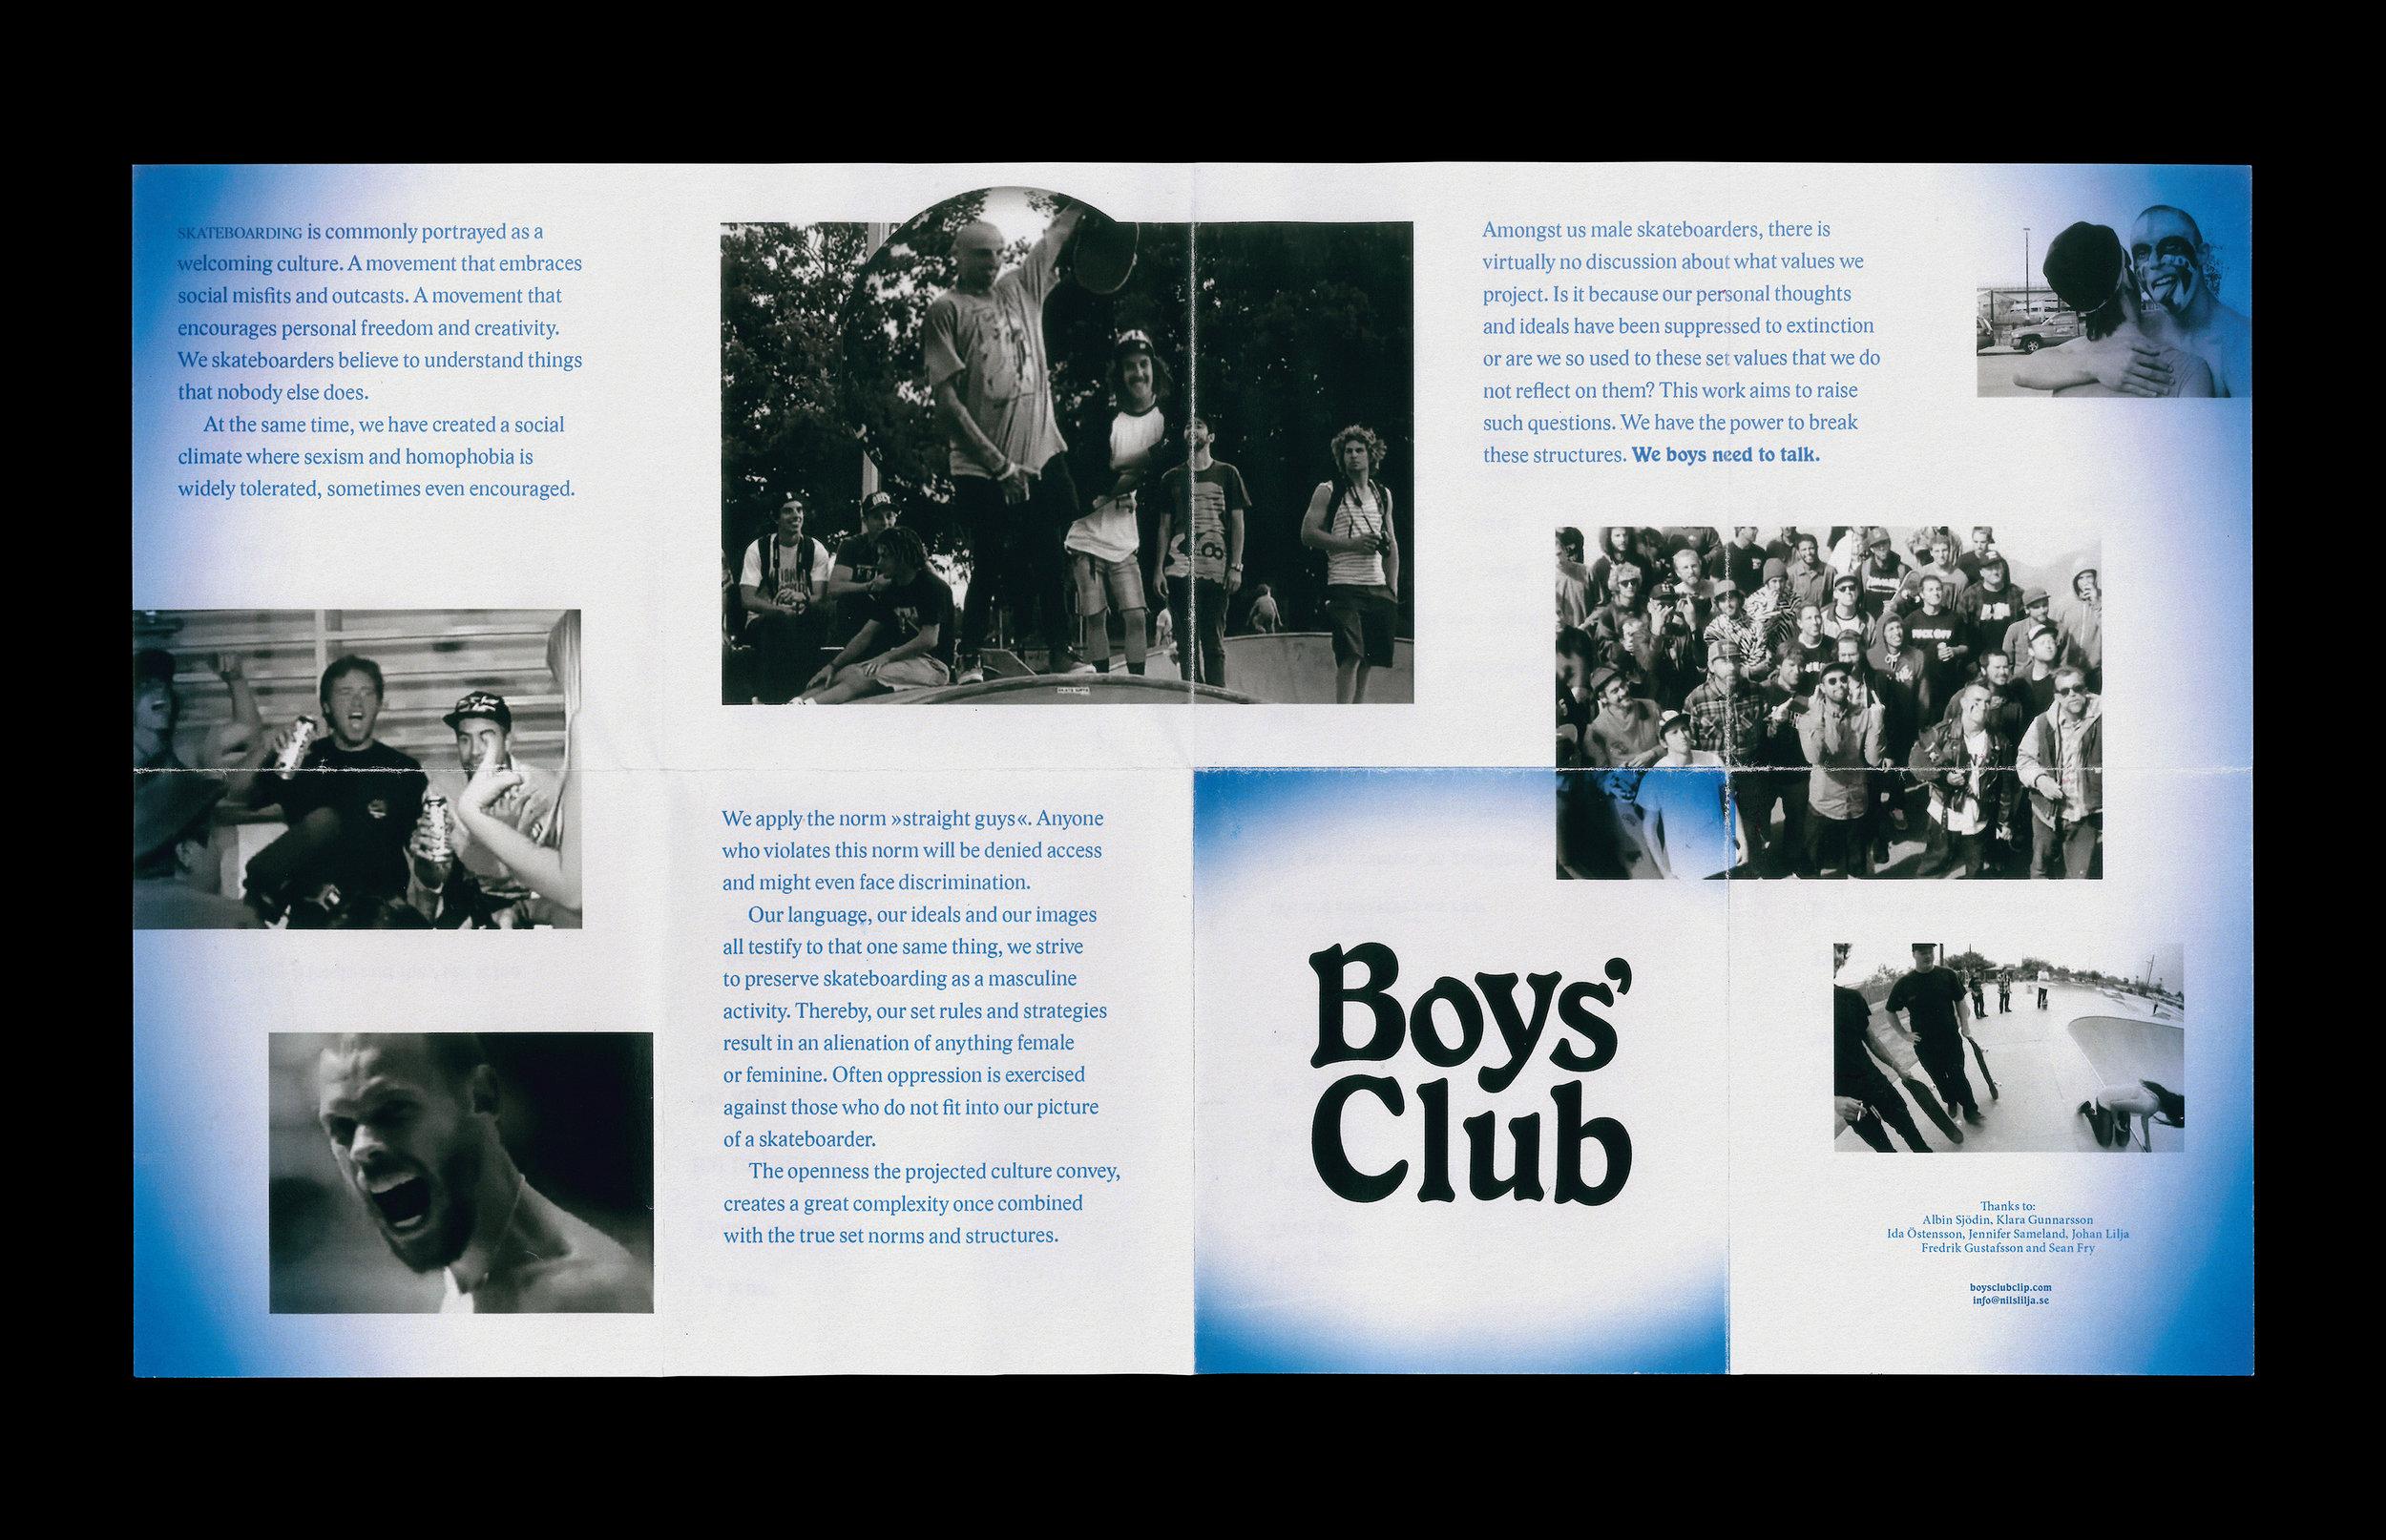 nils-lilja-boys-club-4.jpg